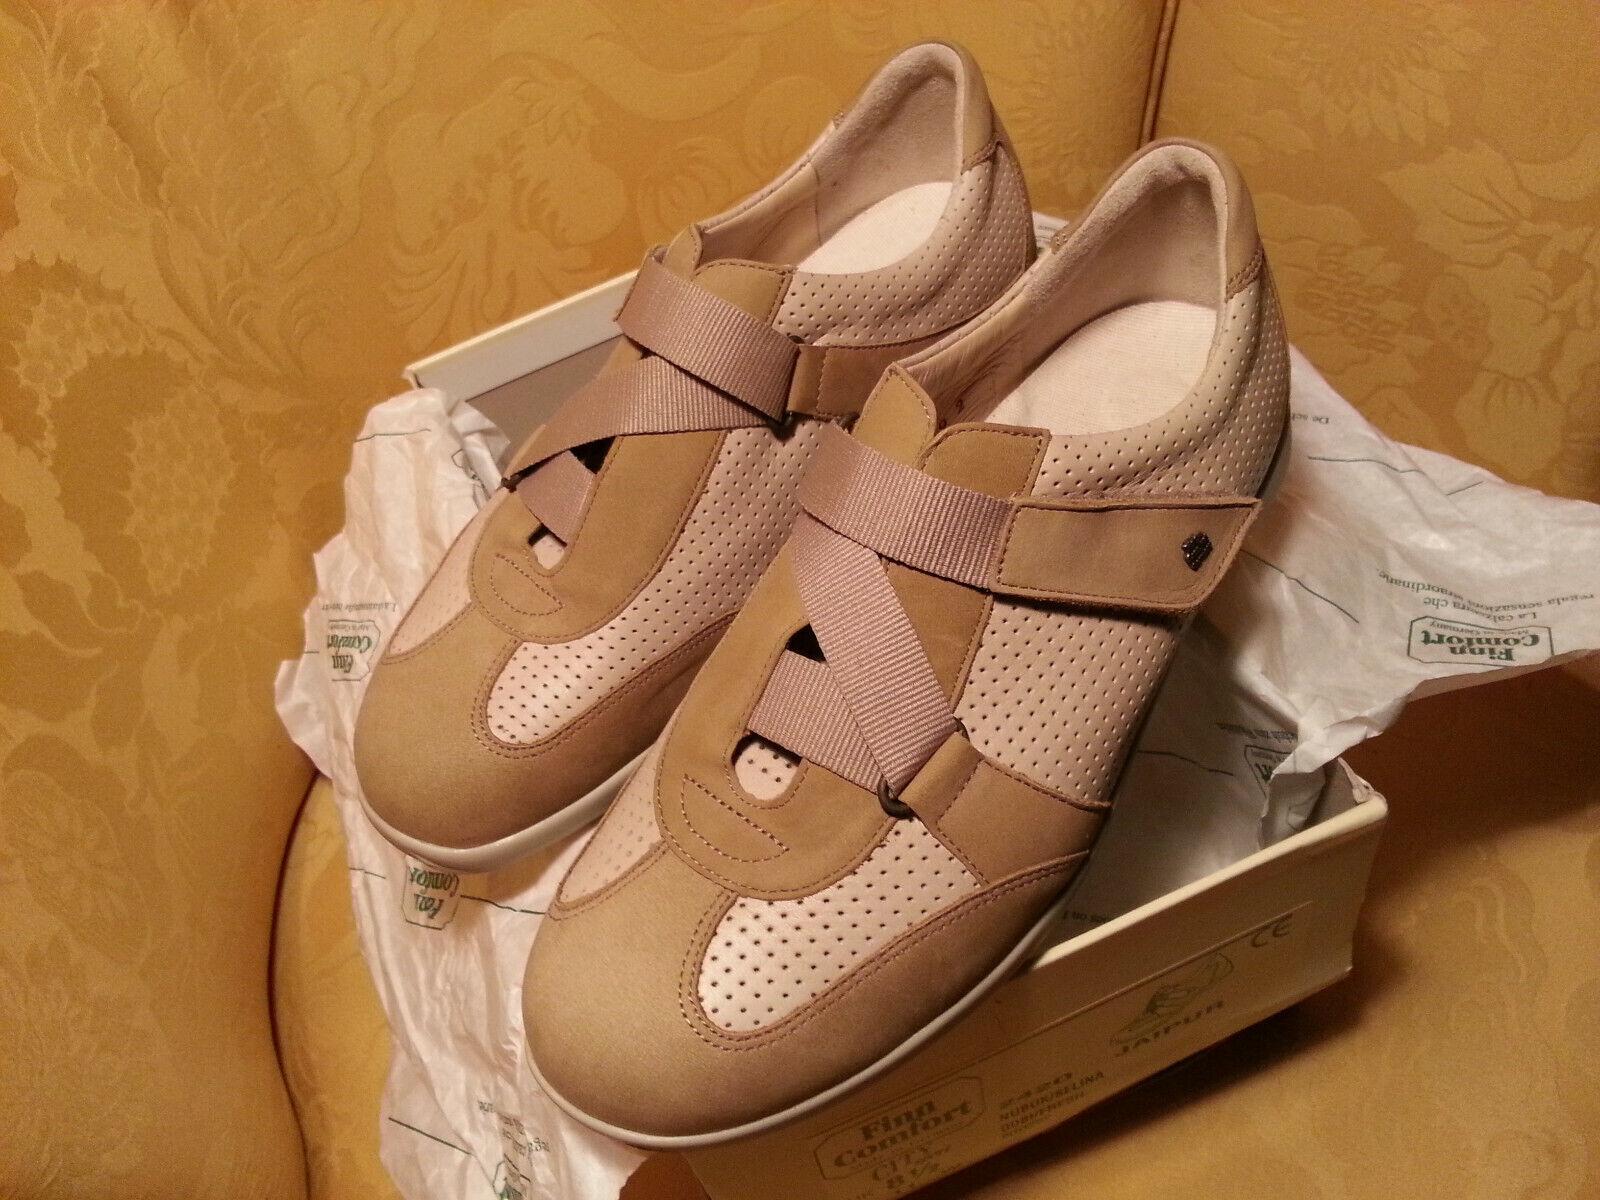 Rabatt niedrigen Preis Jaipur COMFORT FINN Damen Schuhe Gr.8